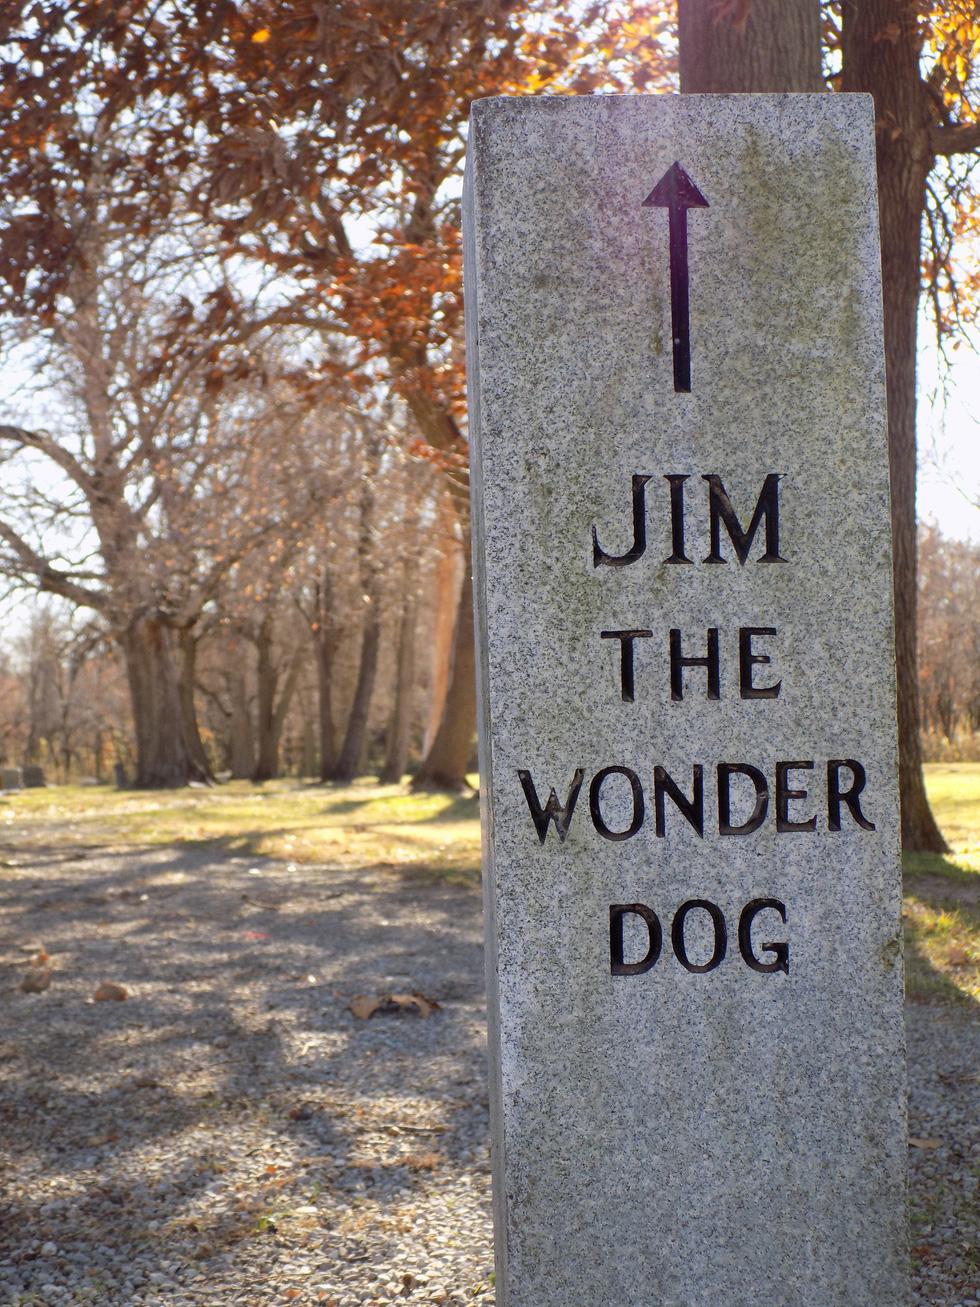 Năm Tuất thăm bảo tàng chú chó Jim - Ảnh 4.